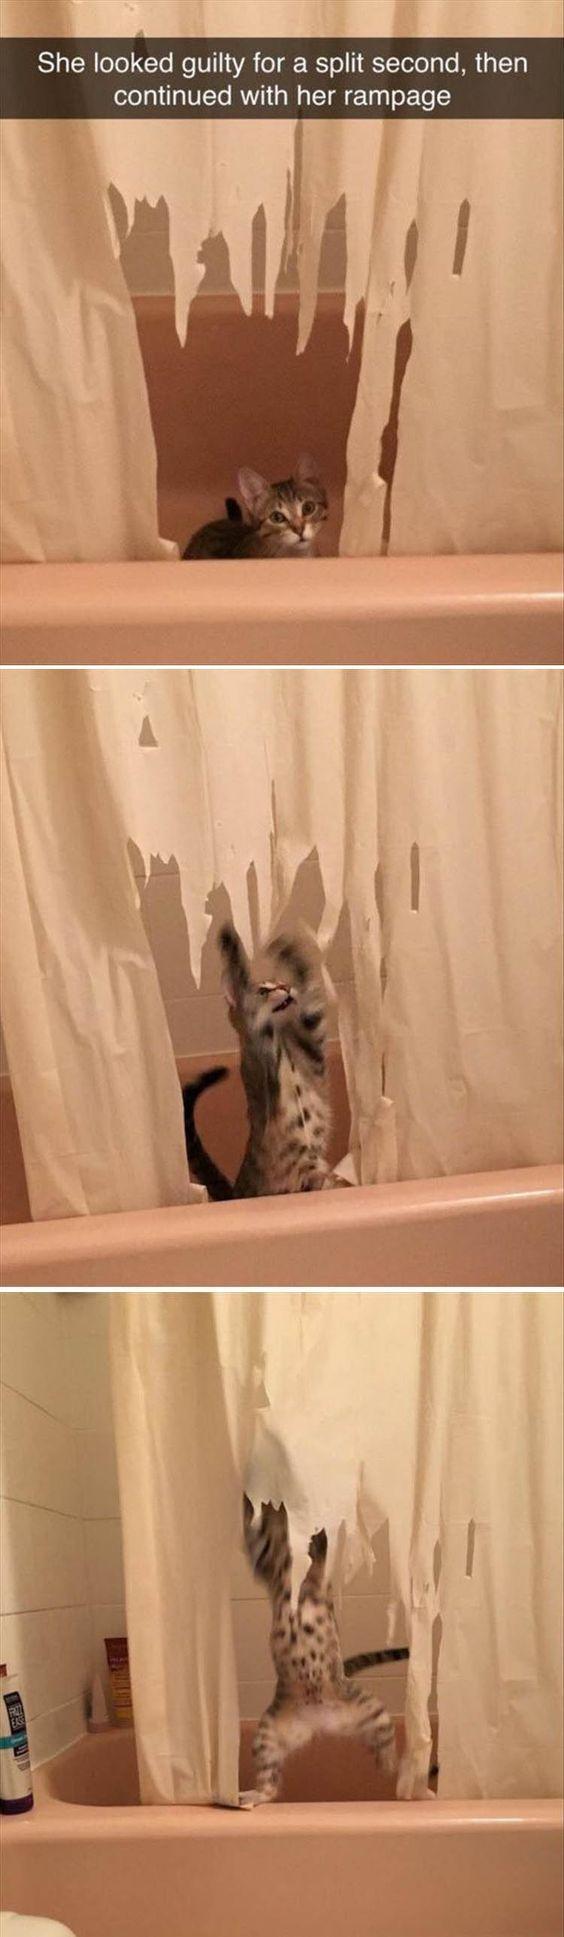 30 Funniest Cat Memes #Funny Cats #cat memes - #Cat #Cats #Funniest #Funny #Memes